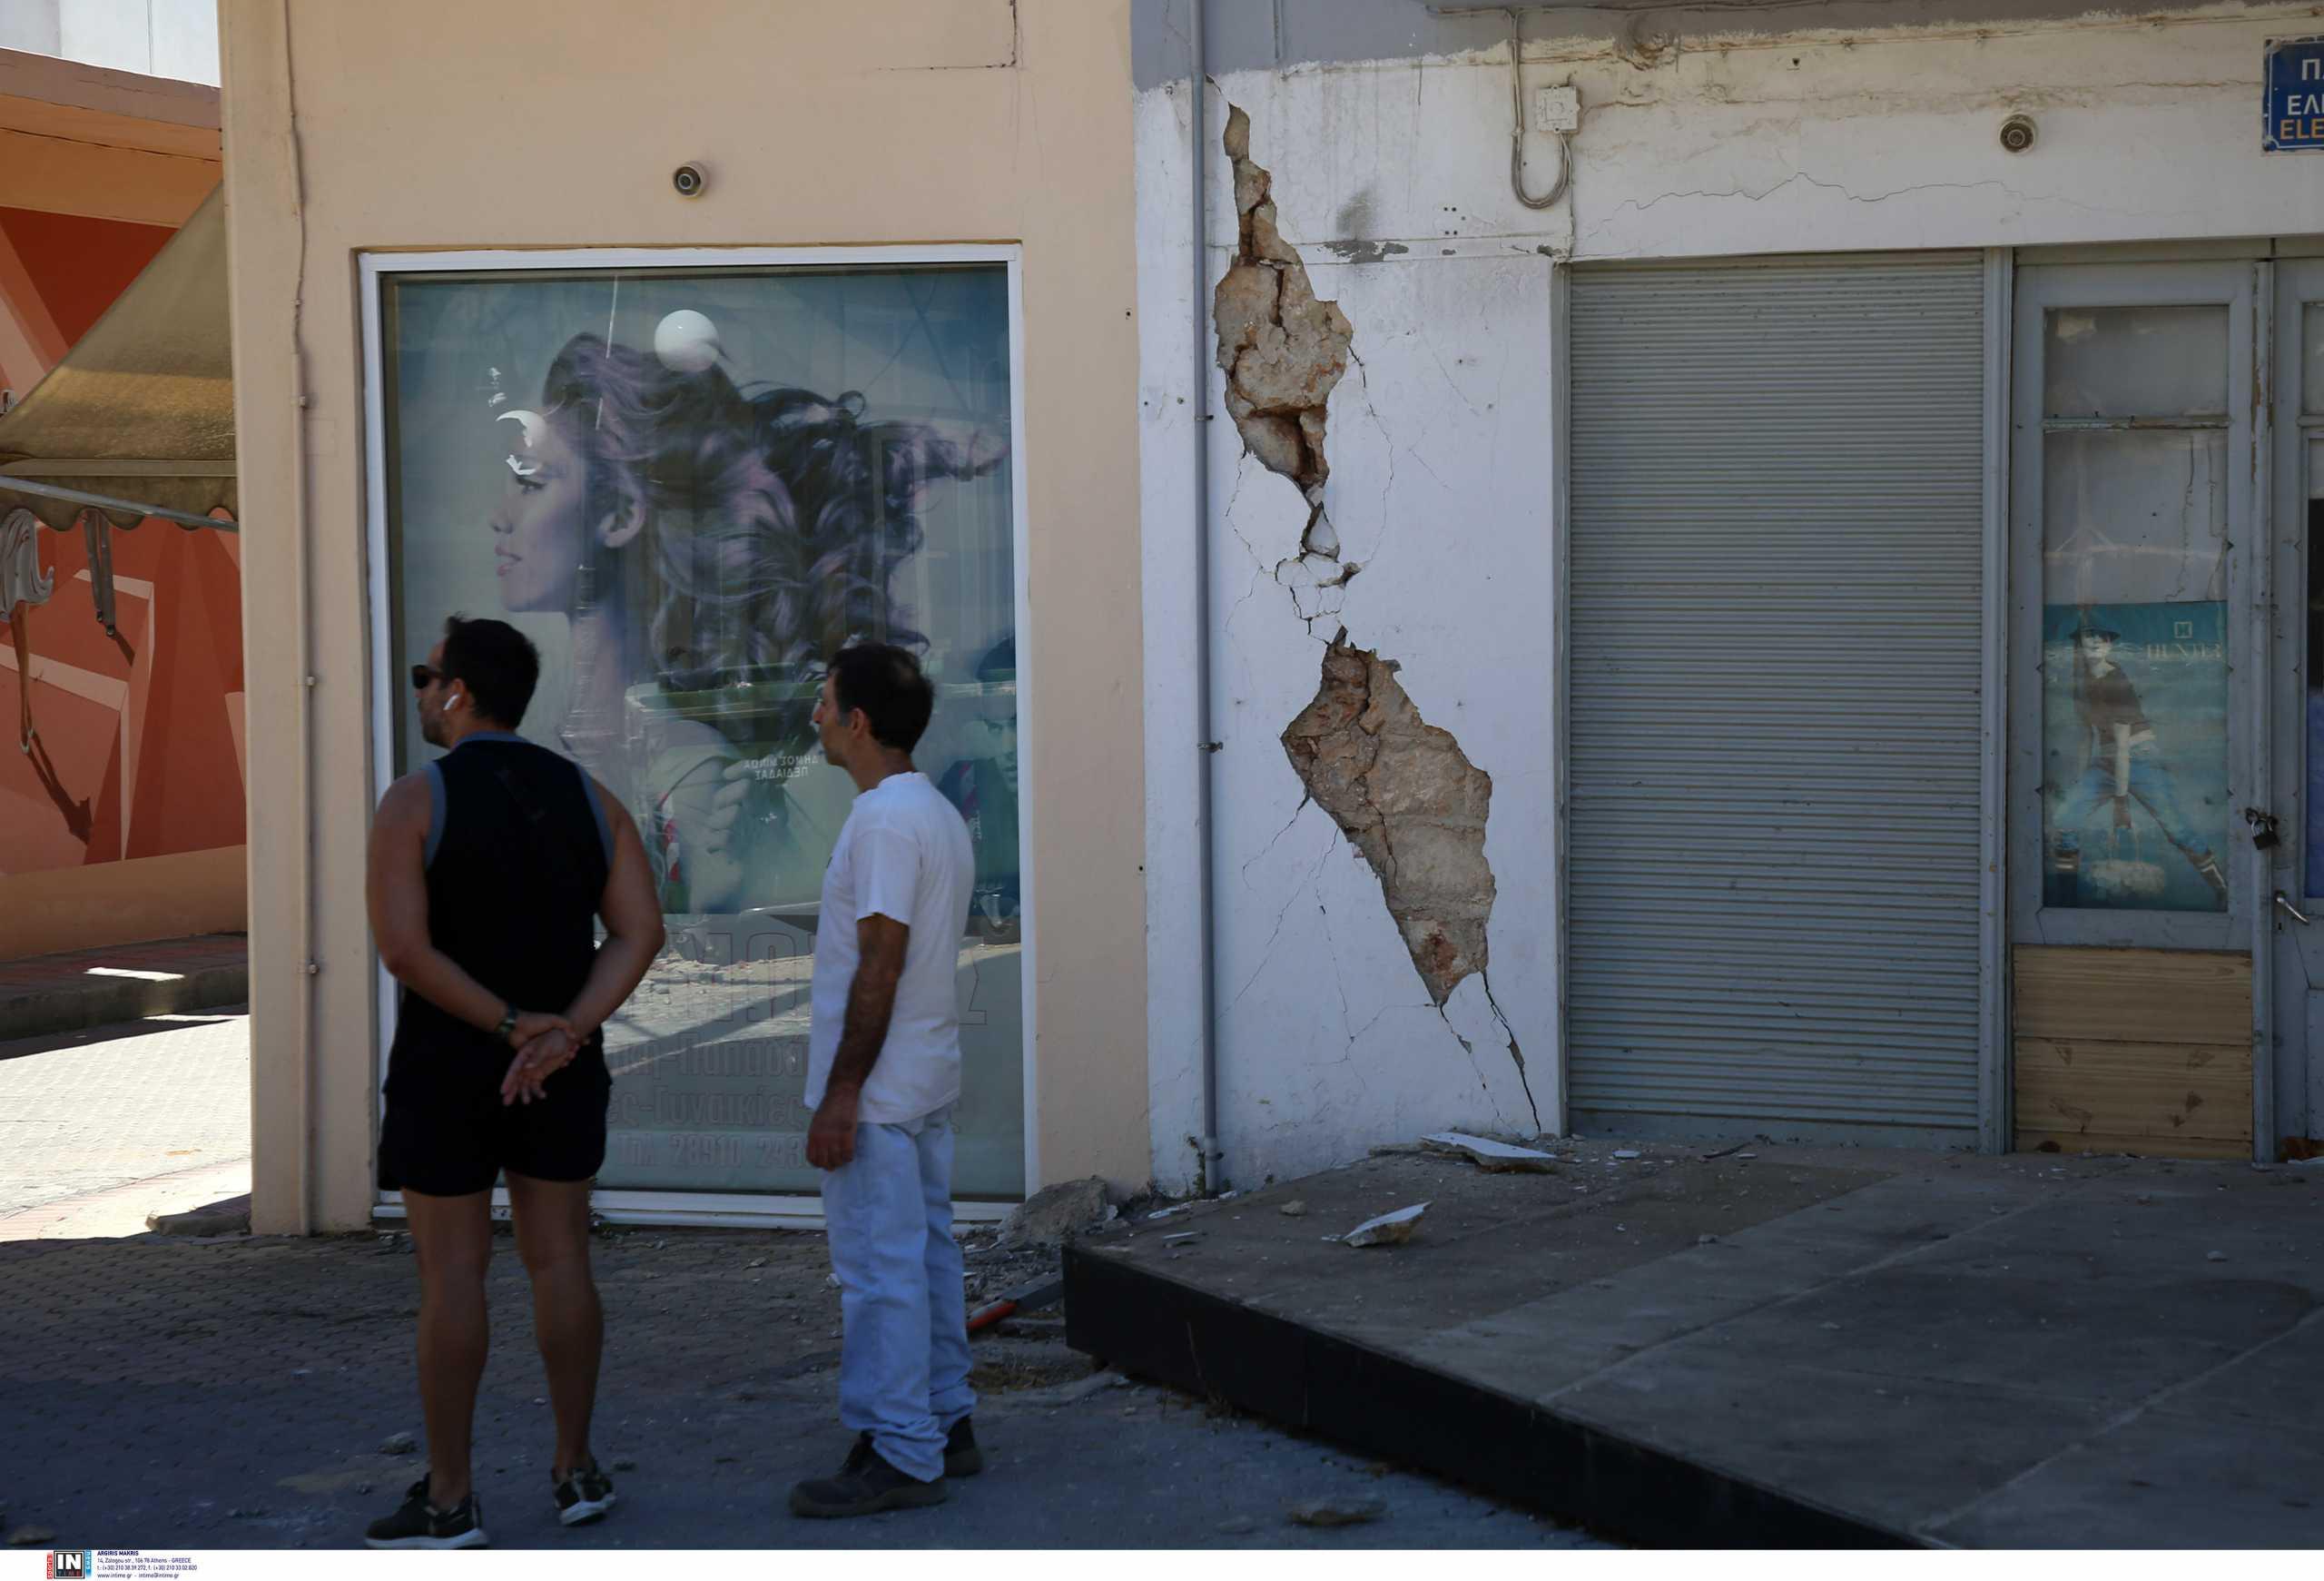 Σεισμός 6,3 Ρίχτερ στην Κρήτη: «Μάλλον ήταν ο κύριος» λέει ο Άκης Τσελέντης